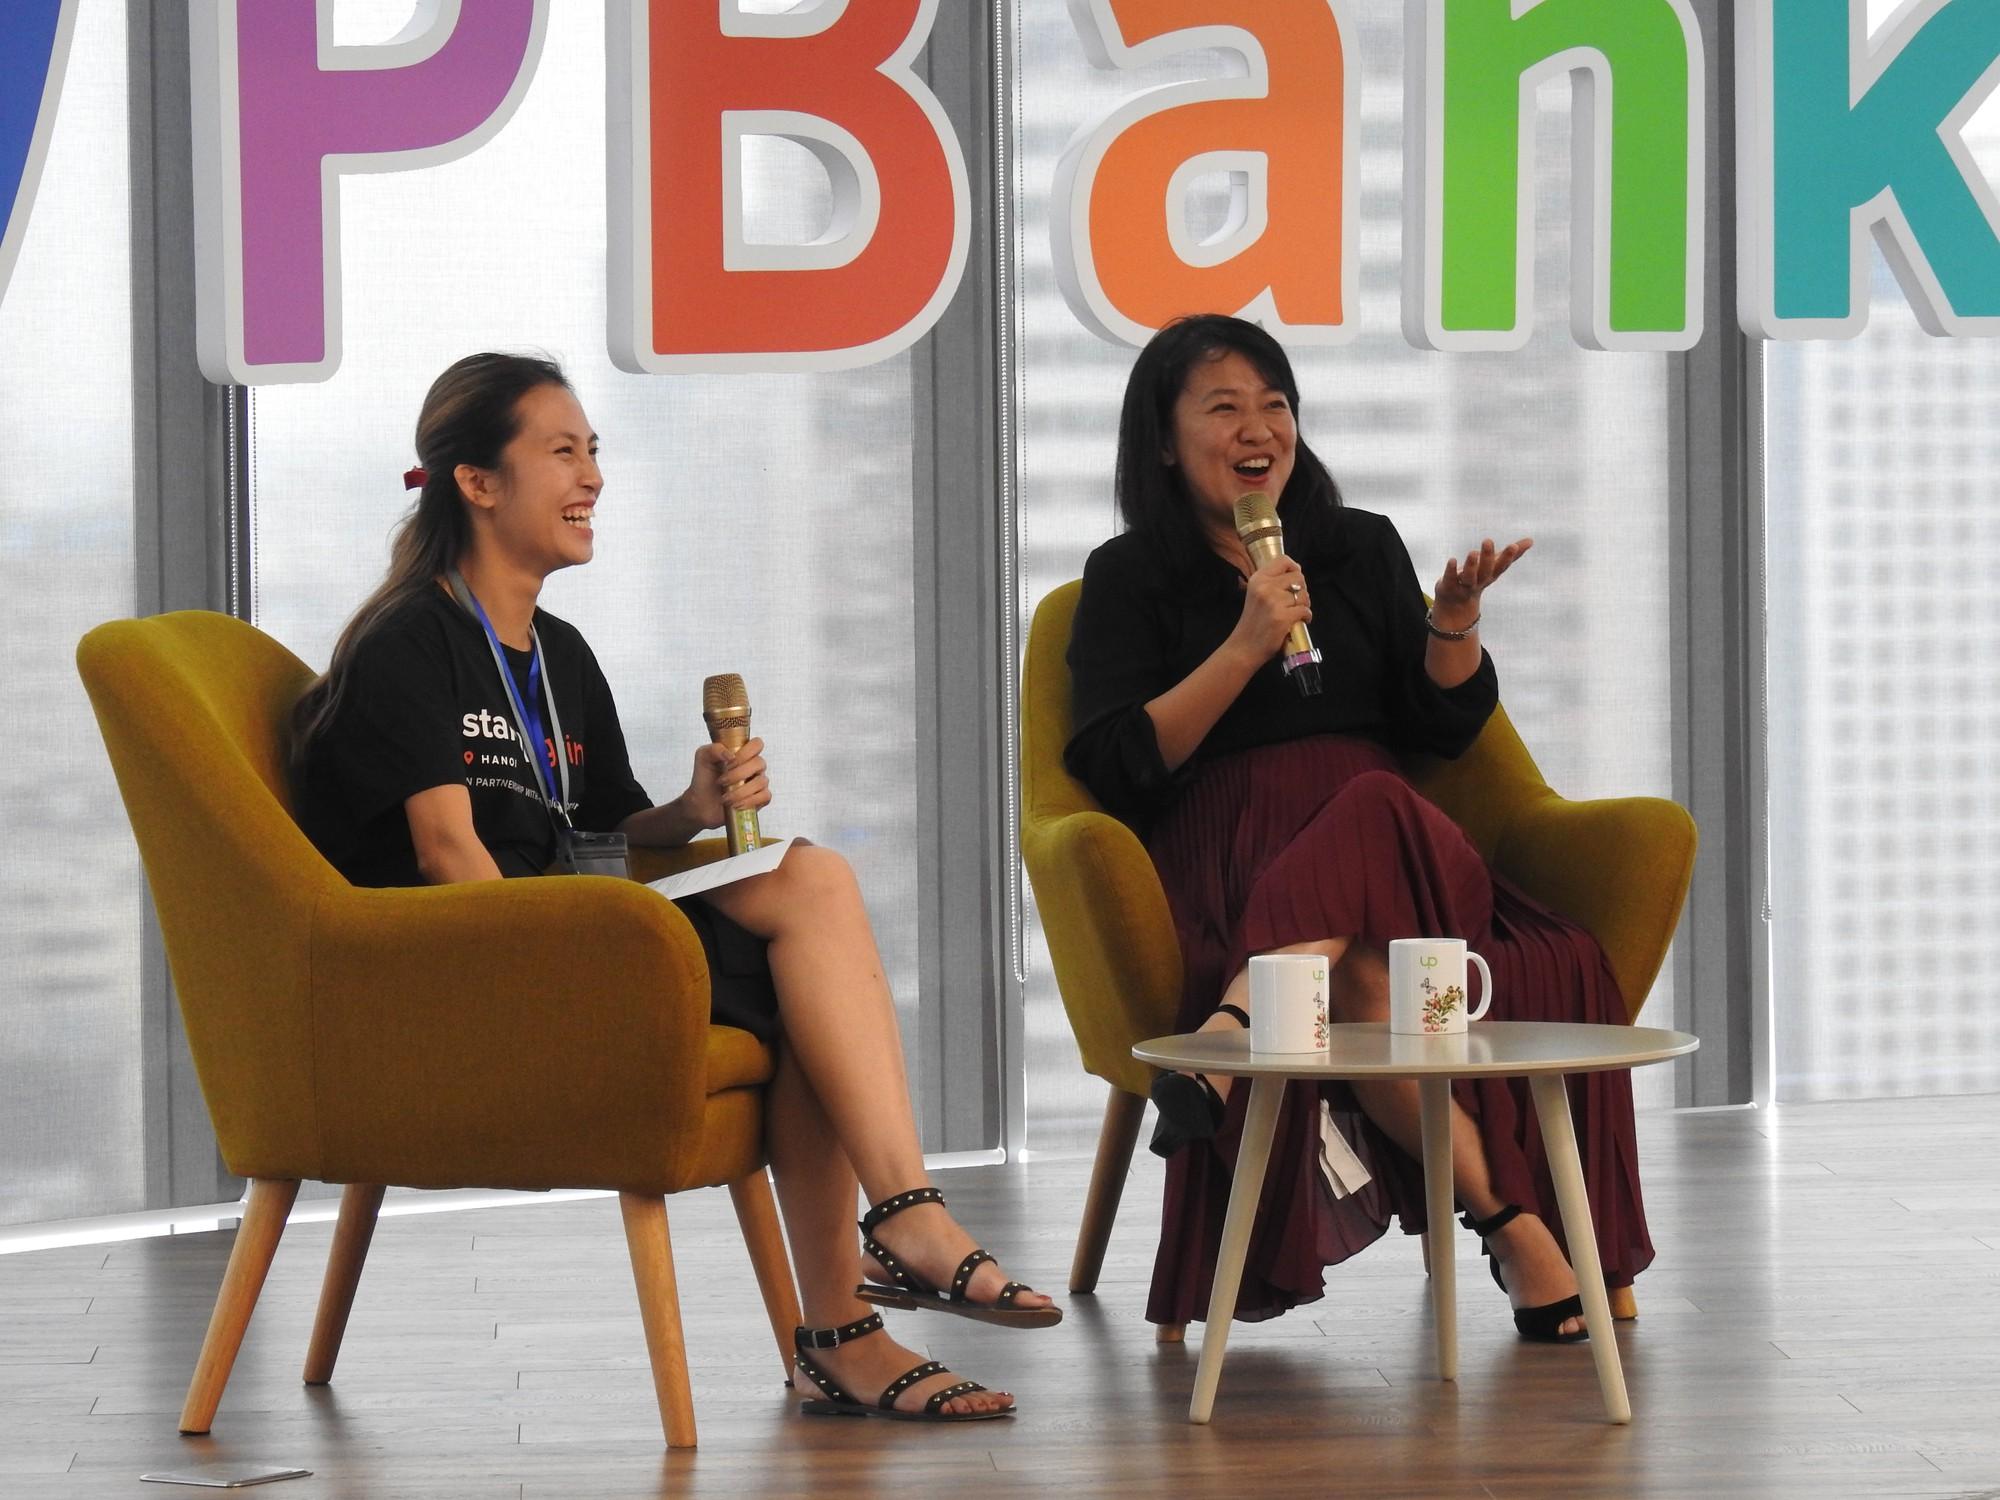 Bà Lê Diệp Kiều Trang kể chuyện bán Misfit, rời Facebook ... và đầu quân cho Go-Viet  - Ảnh 1.